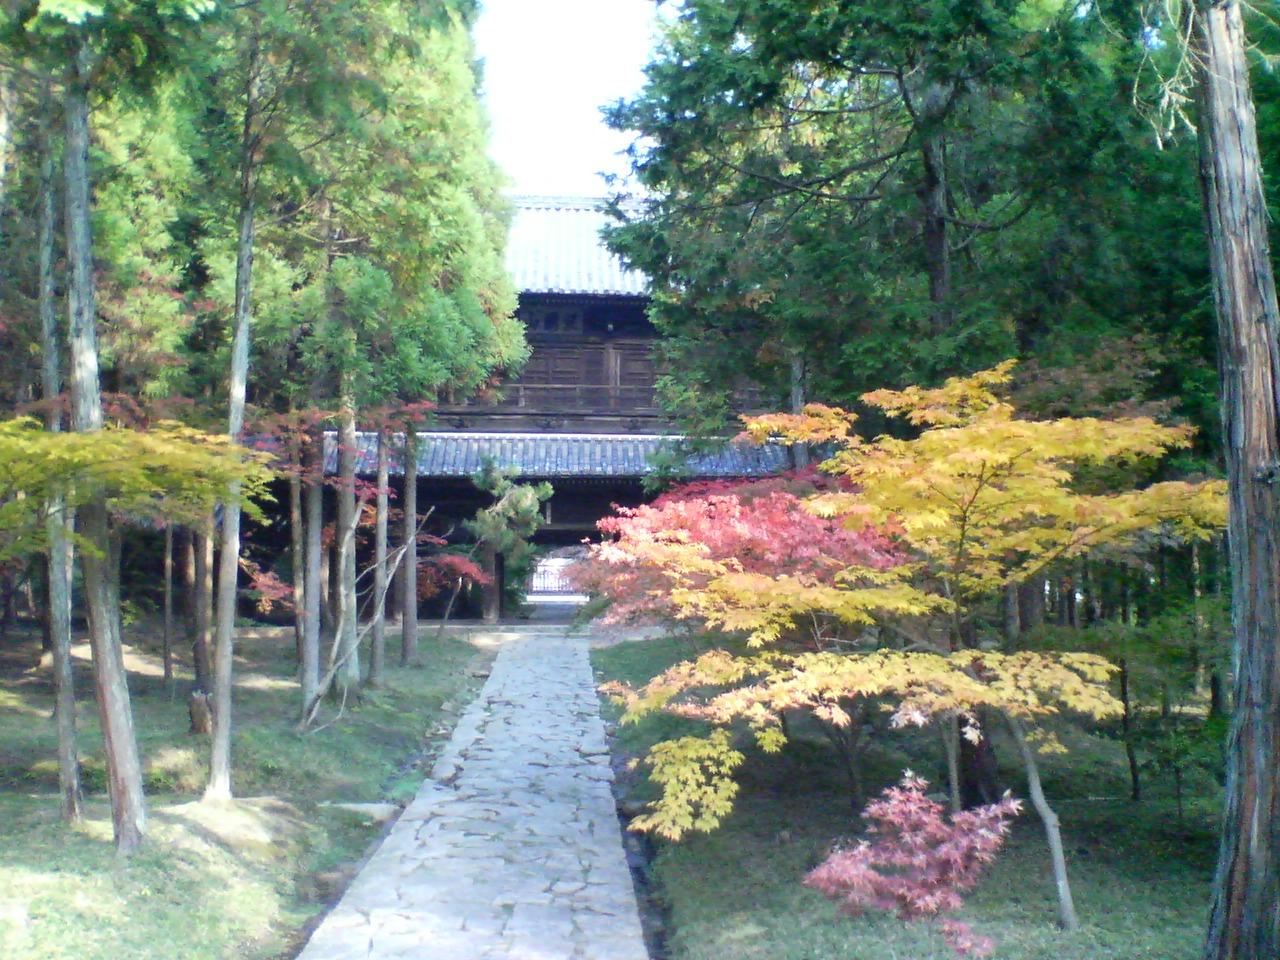 曹源寺の庭園散策